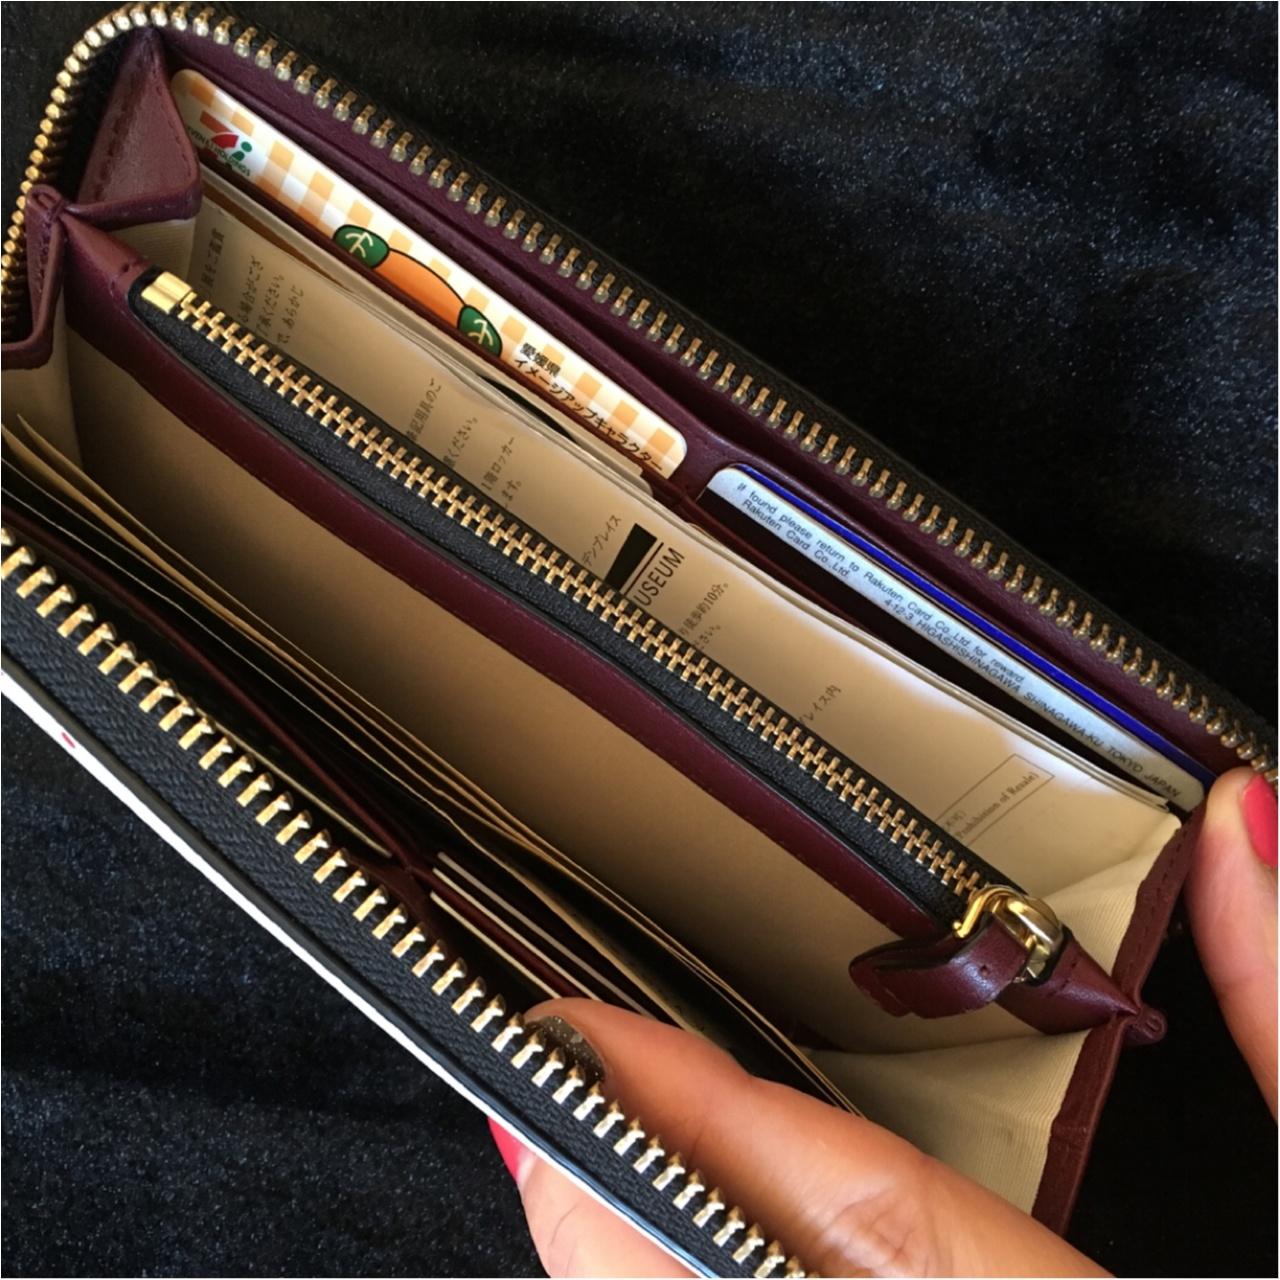 【小物▶お財布】2度見されちゃう2016年私が一目惚れしたお気に入りのお財布☺_4